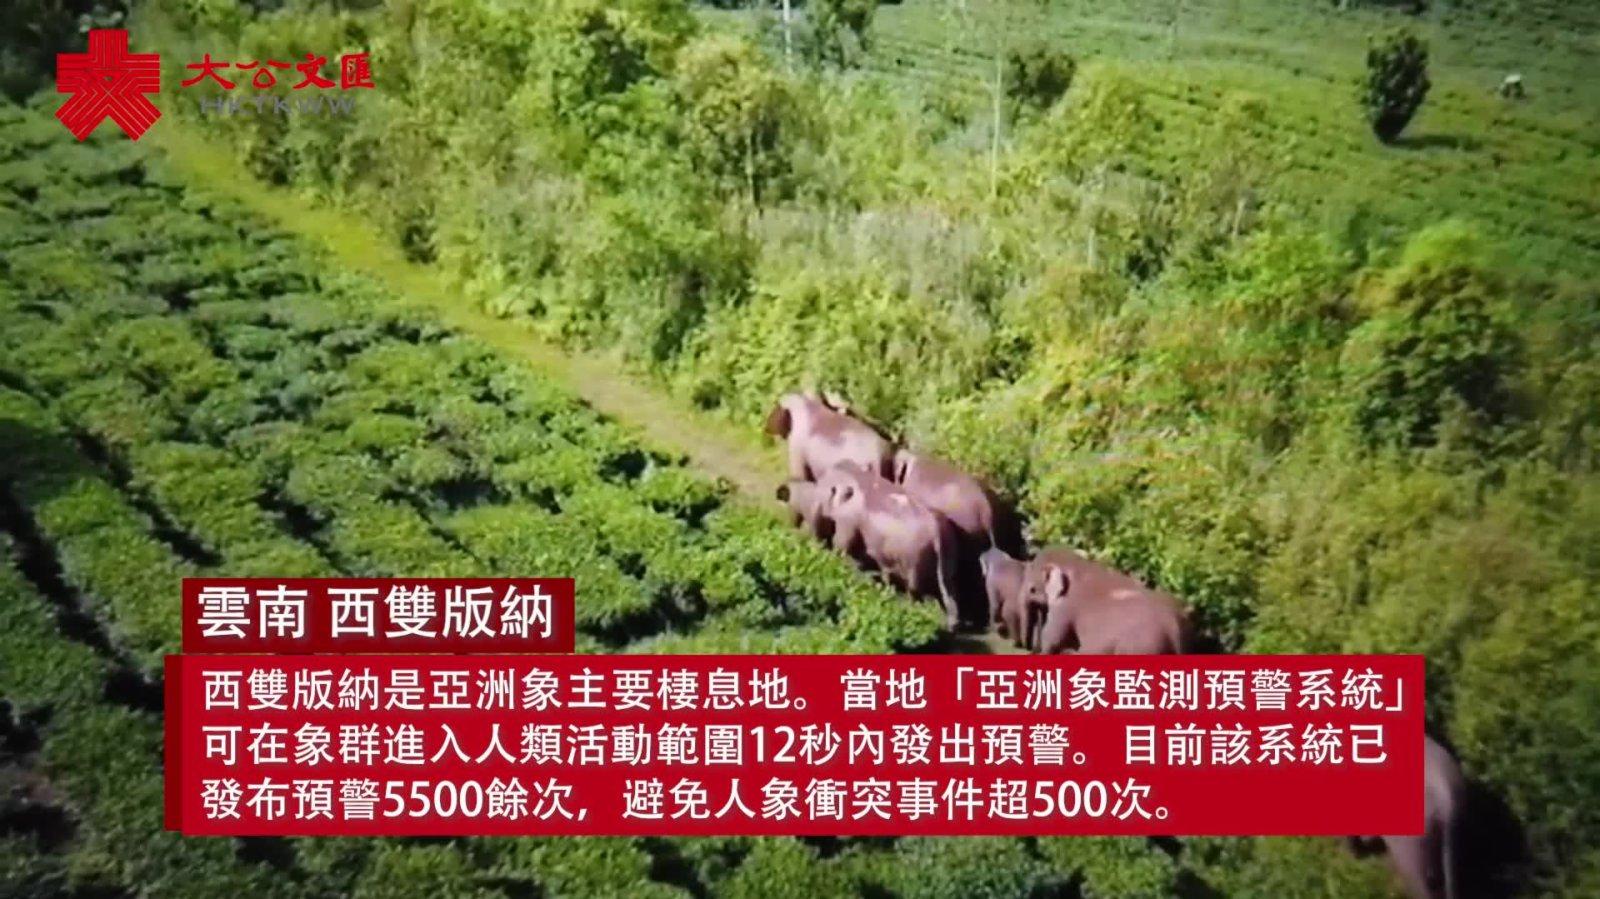 亞洲象出沒12秒預警! 探秘西雙版納「避象神器」